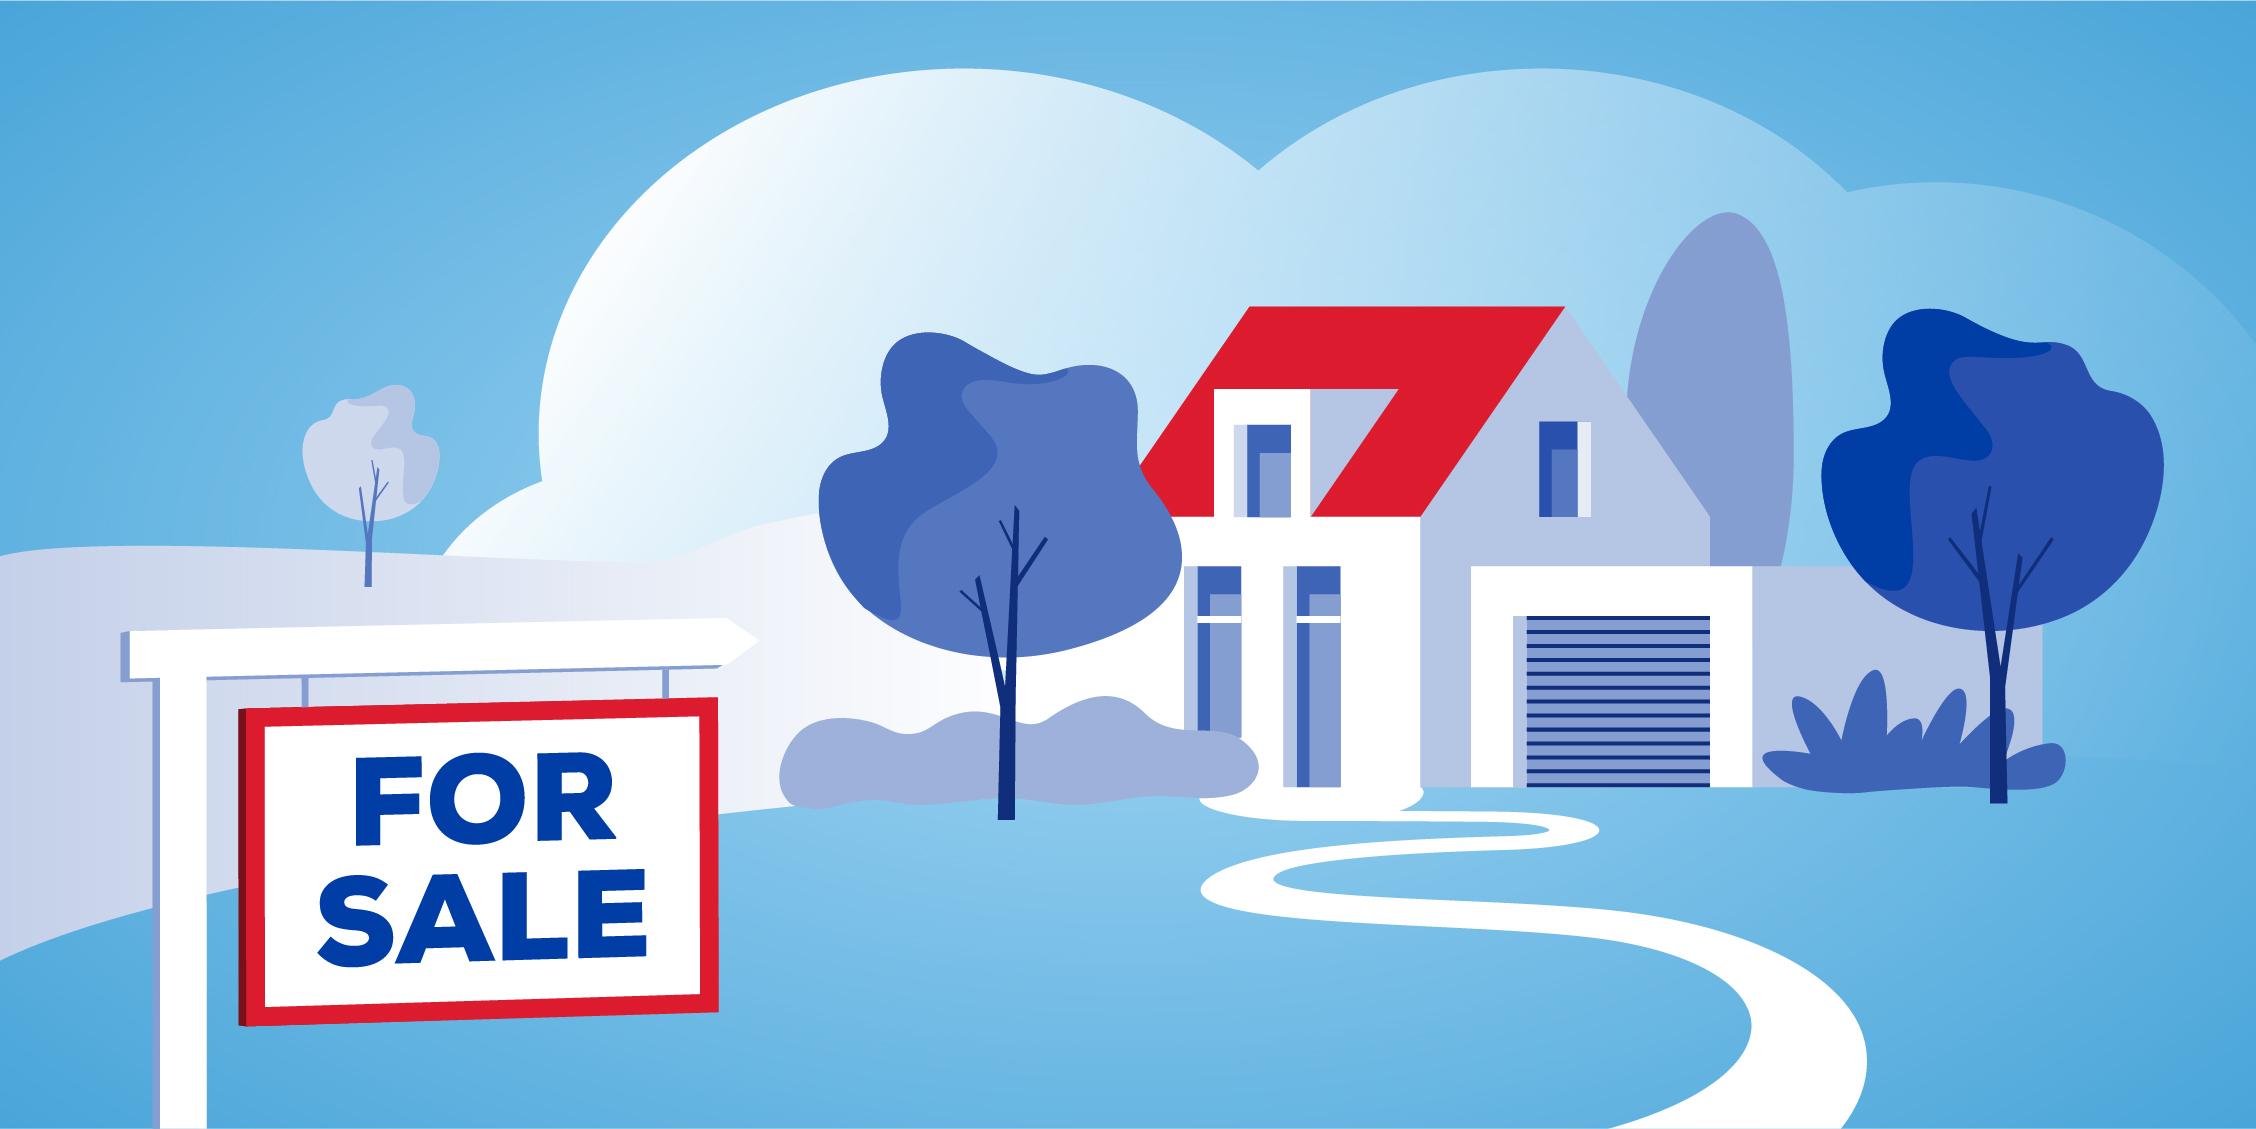 Cinci sfaturi: pregătirea casei pentru vânzare